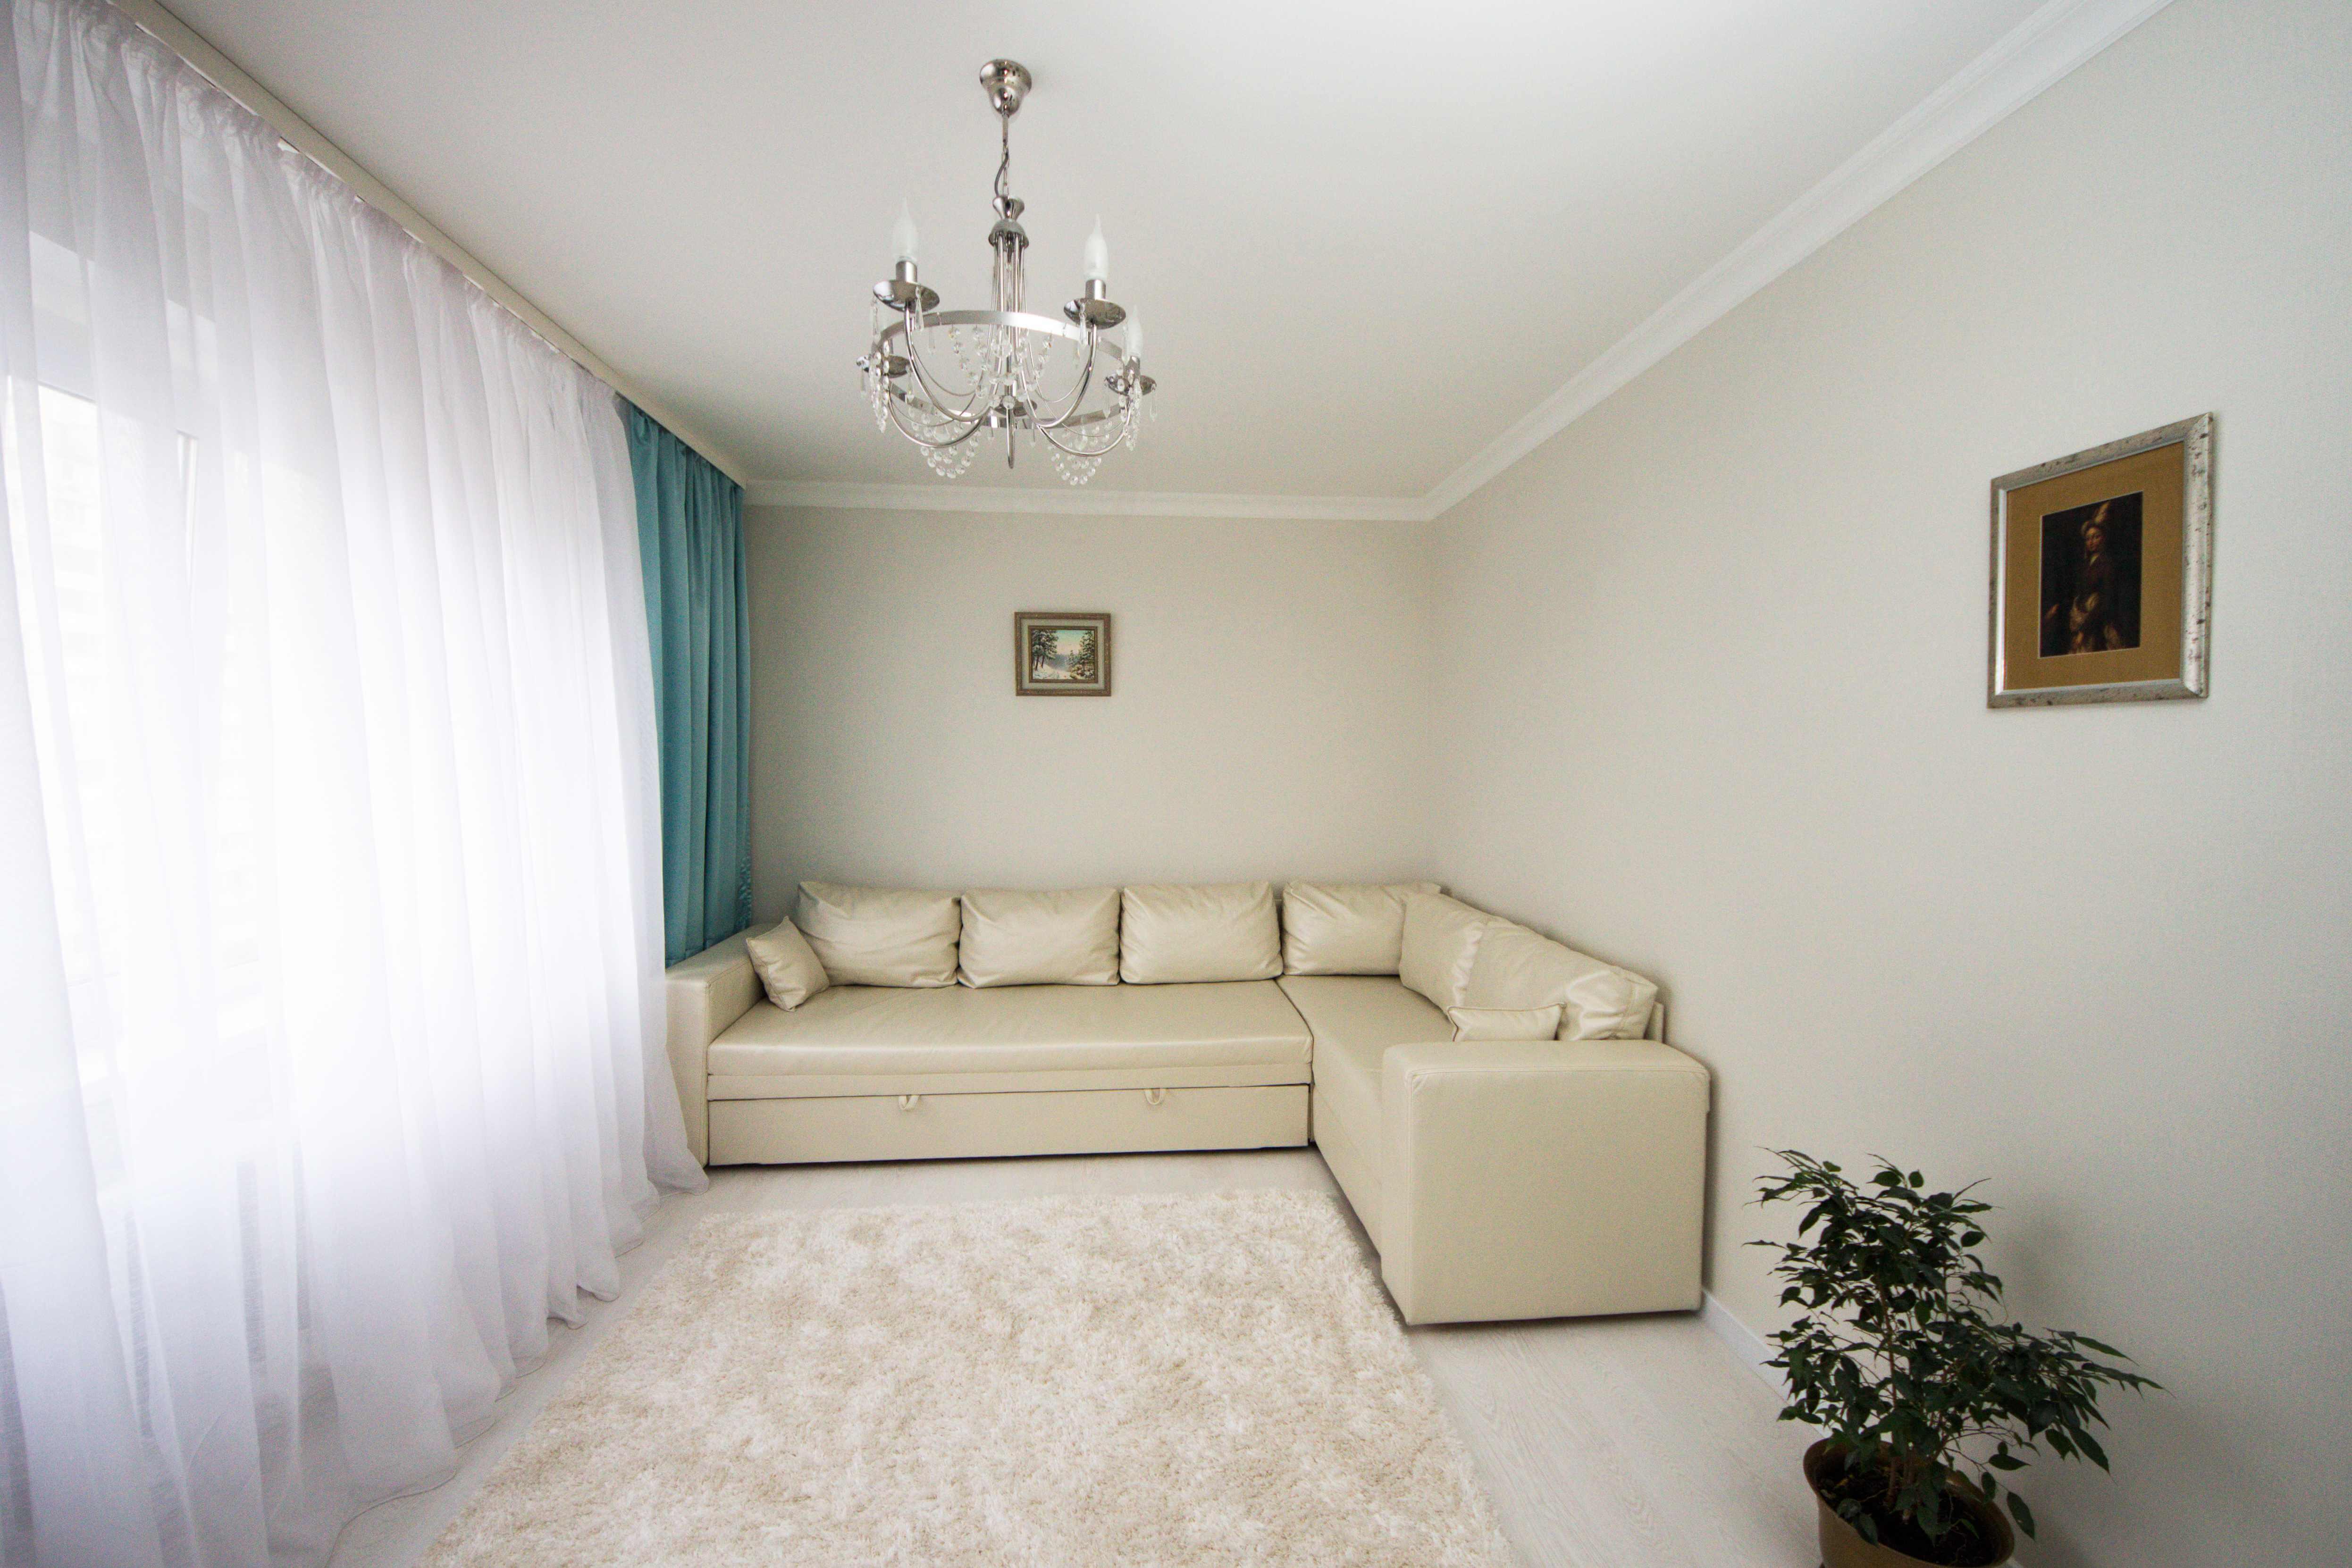 интерьер общей комнаты в стиле минимализм